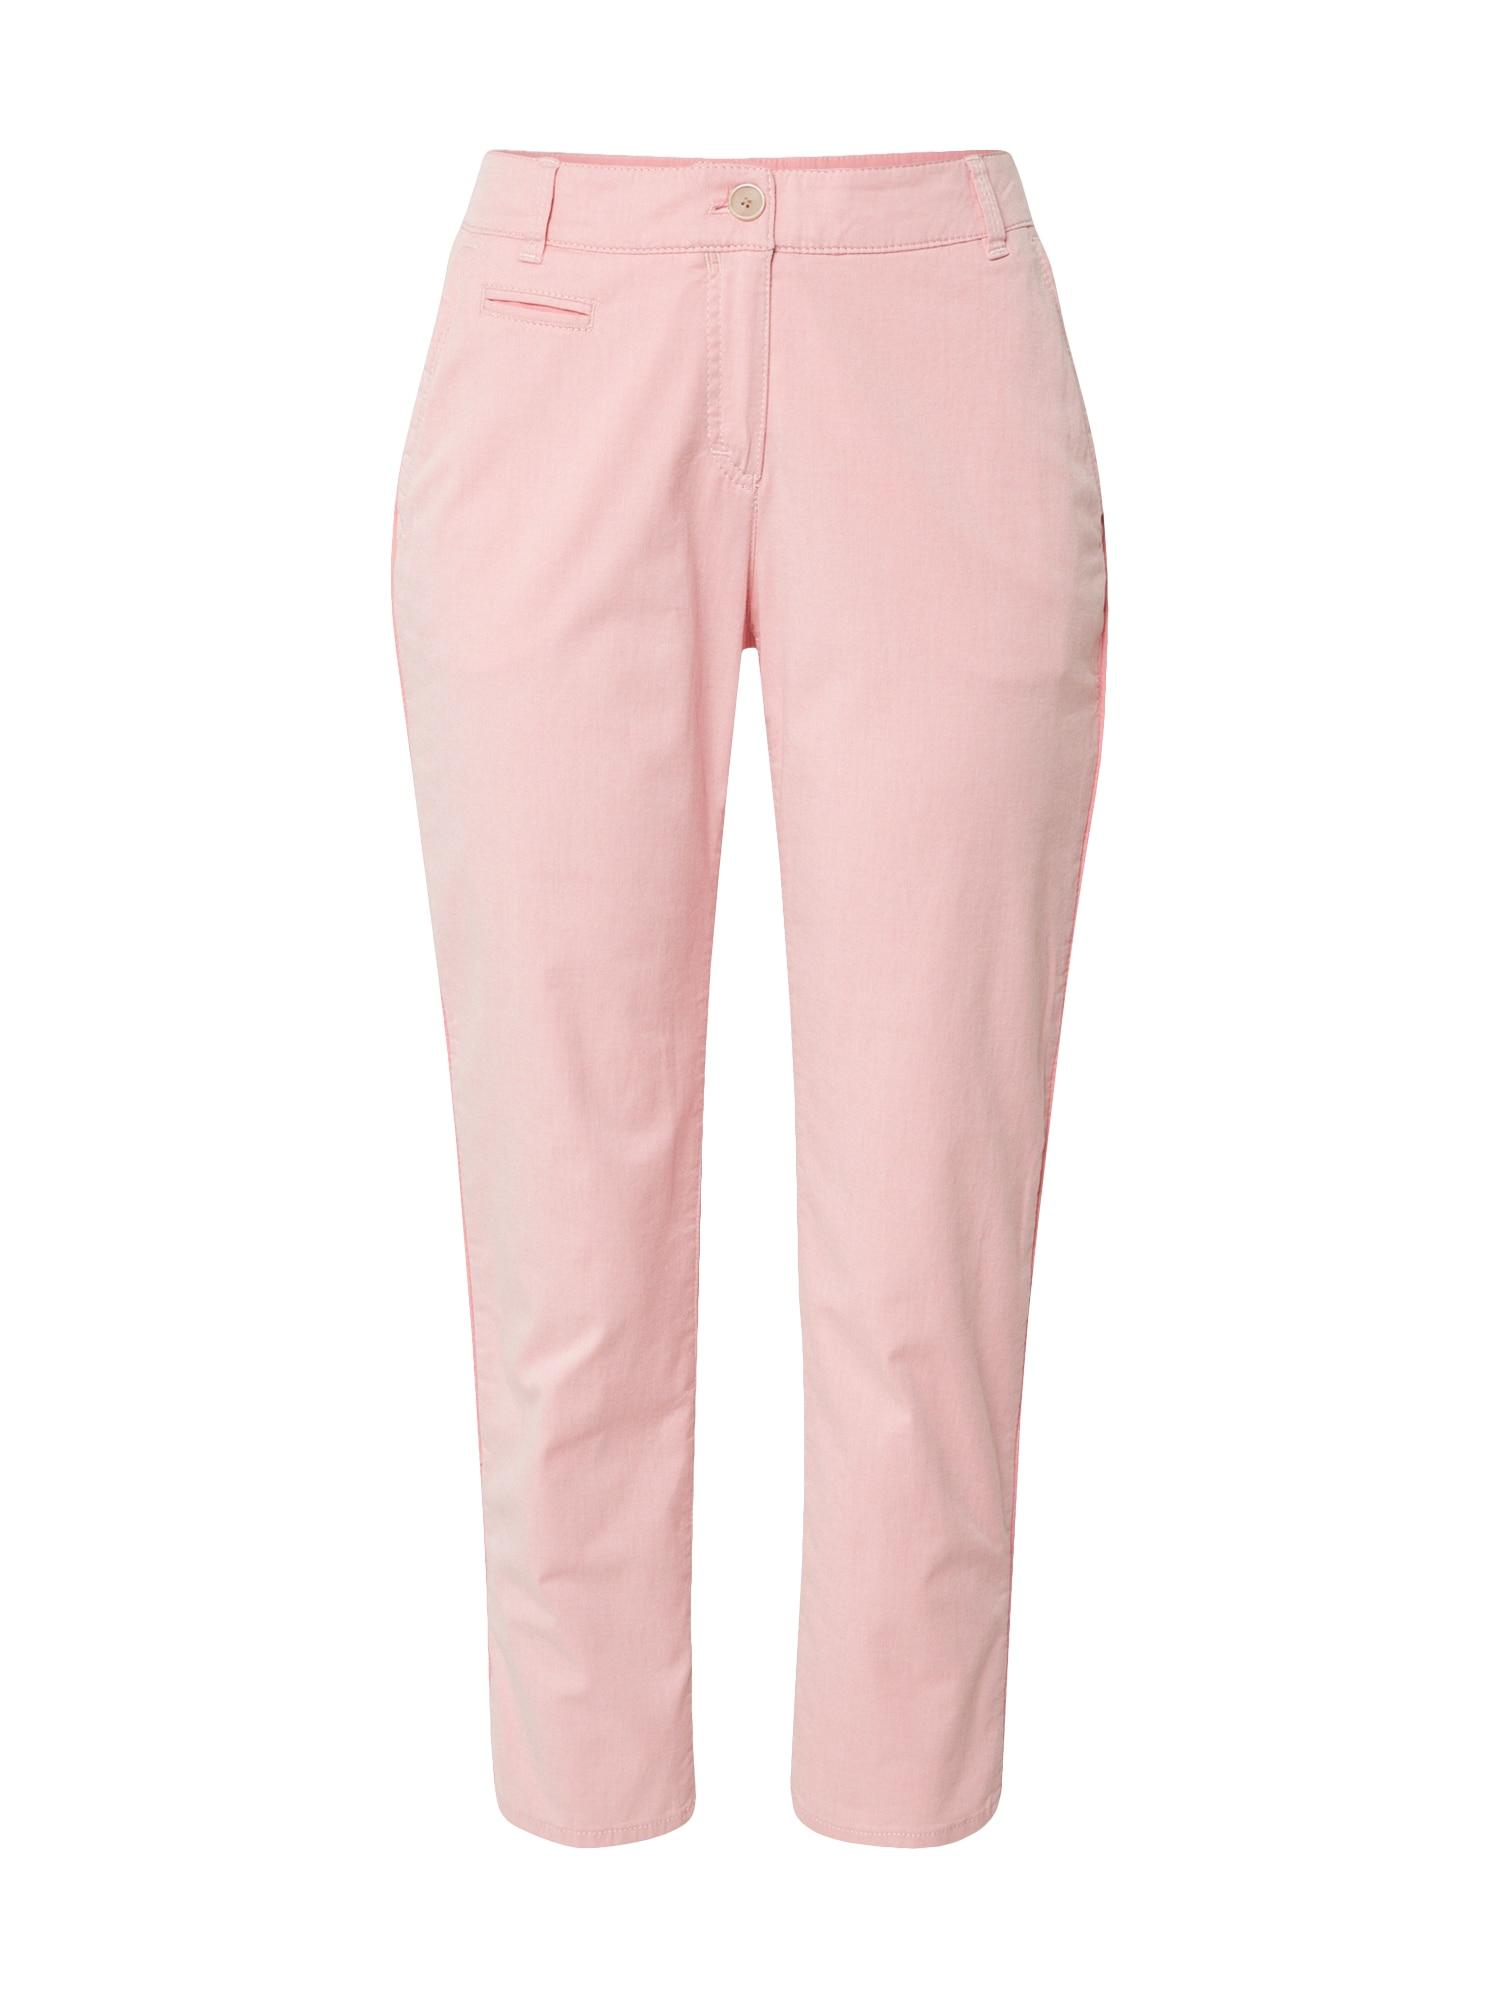 BRAX Chino stiliaus kelnės 'RHONDA S' ryškiai rožinė spalva